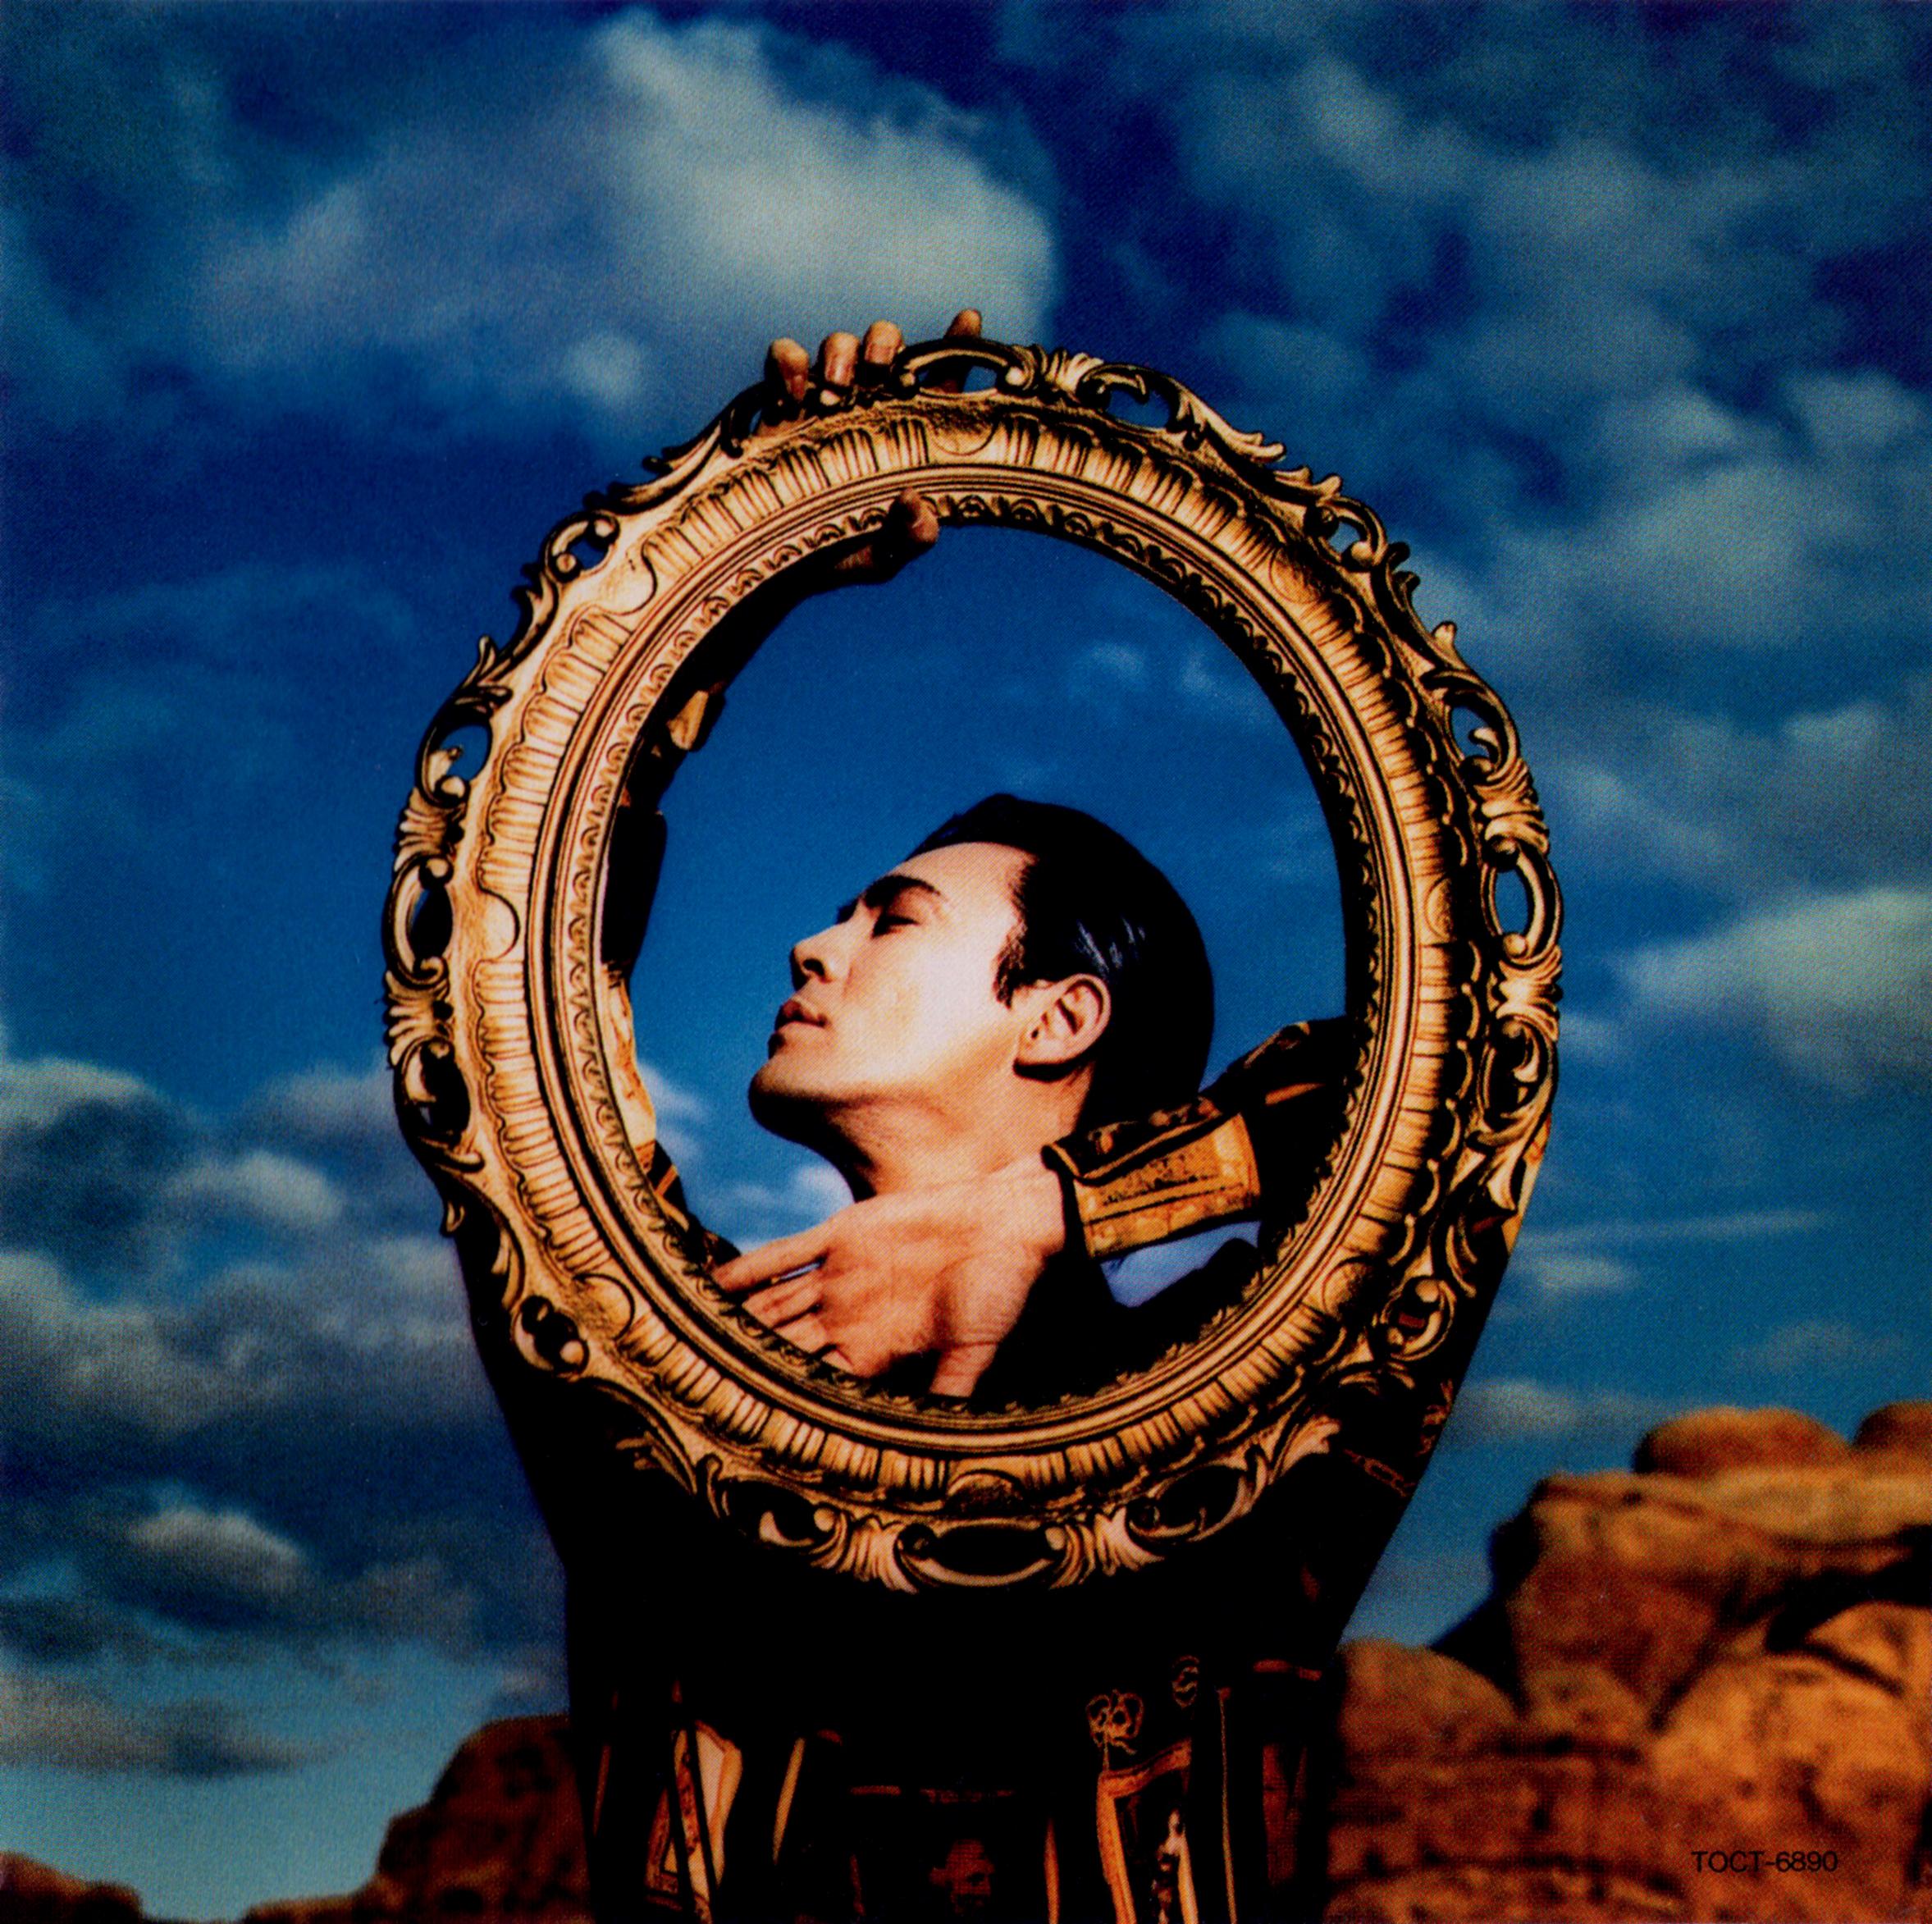 氷室京介 (ひむろきょうすけ) 4thアルバム『Memories Of Blue (メモリーズ・オブ・ブルー)』(1993年1月7日発売) 高画質CDジャケット画像